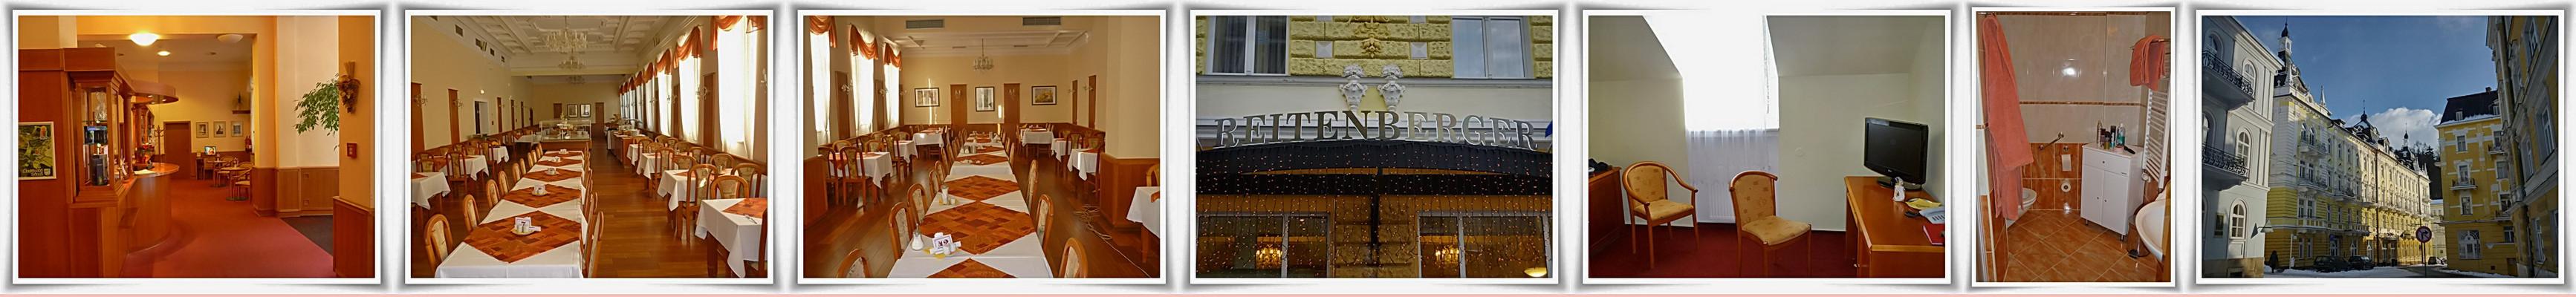 Marienbad ( 6 )  Hotel Reitenberger